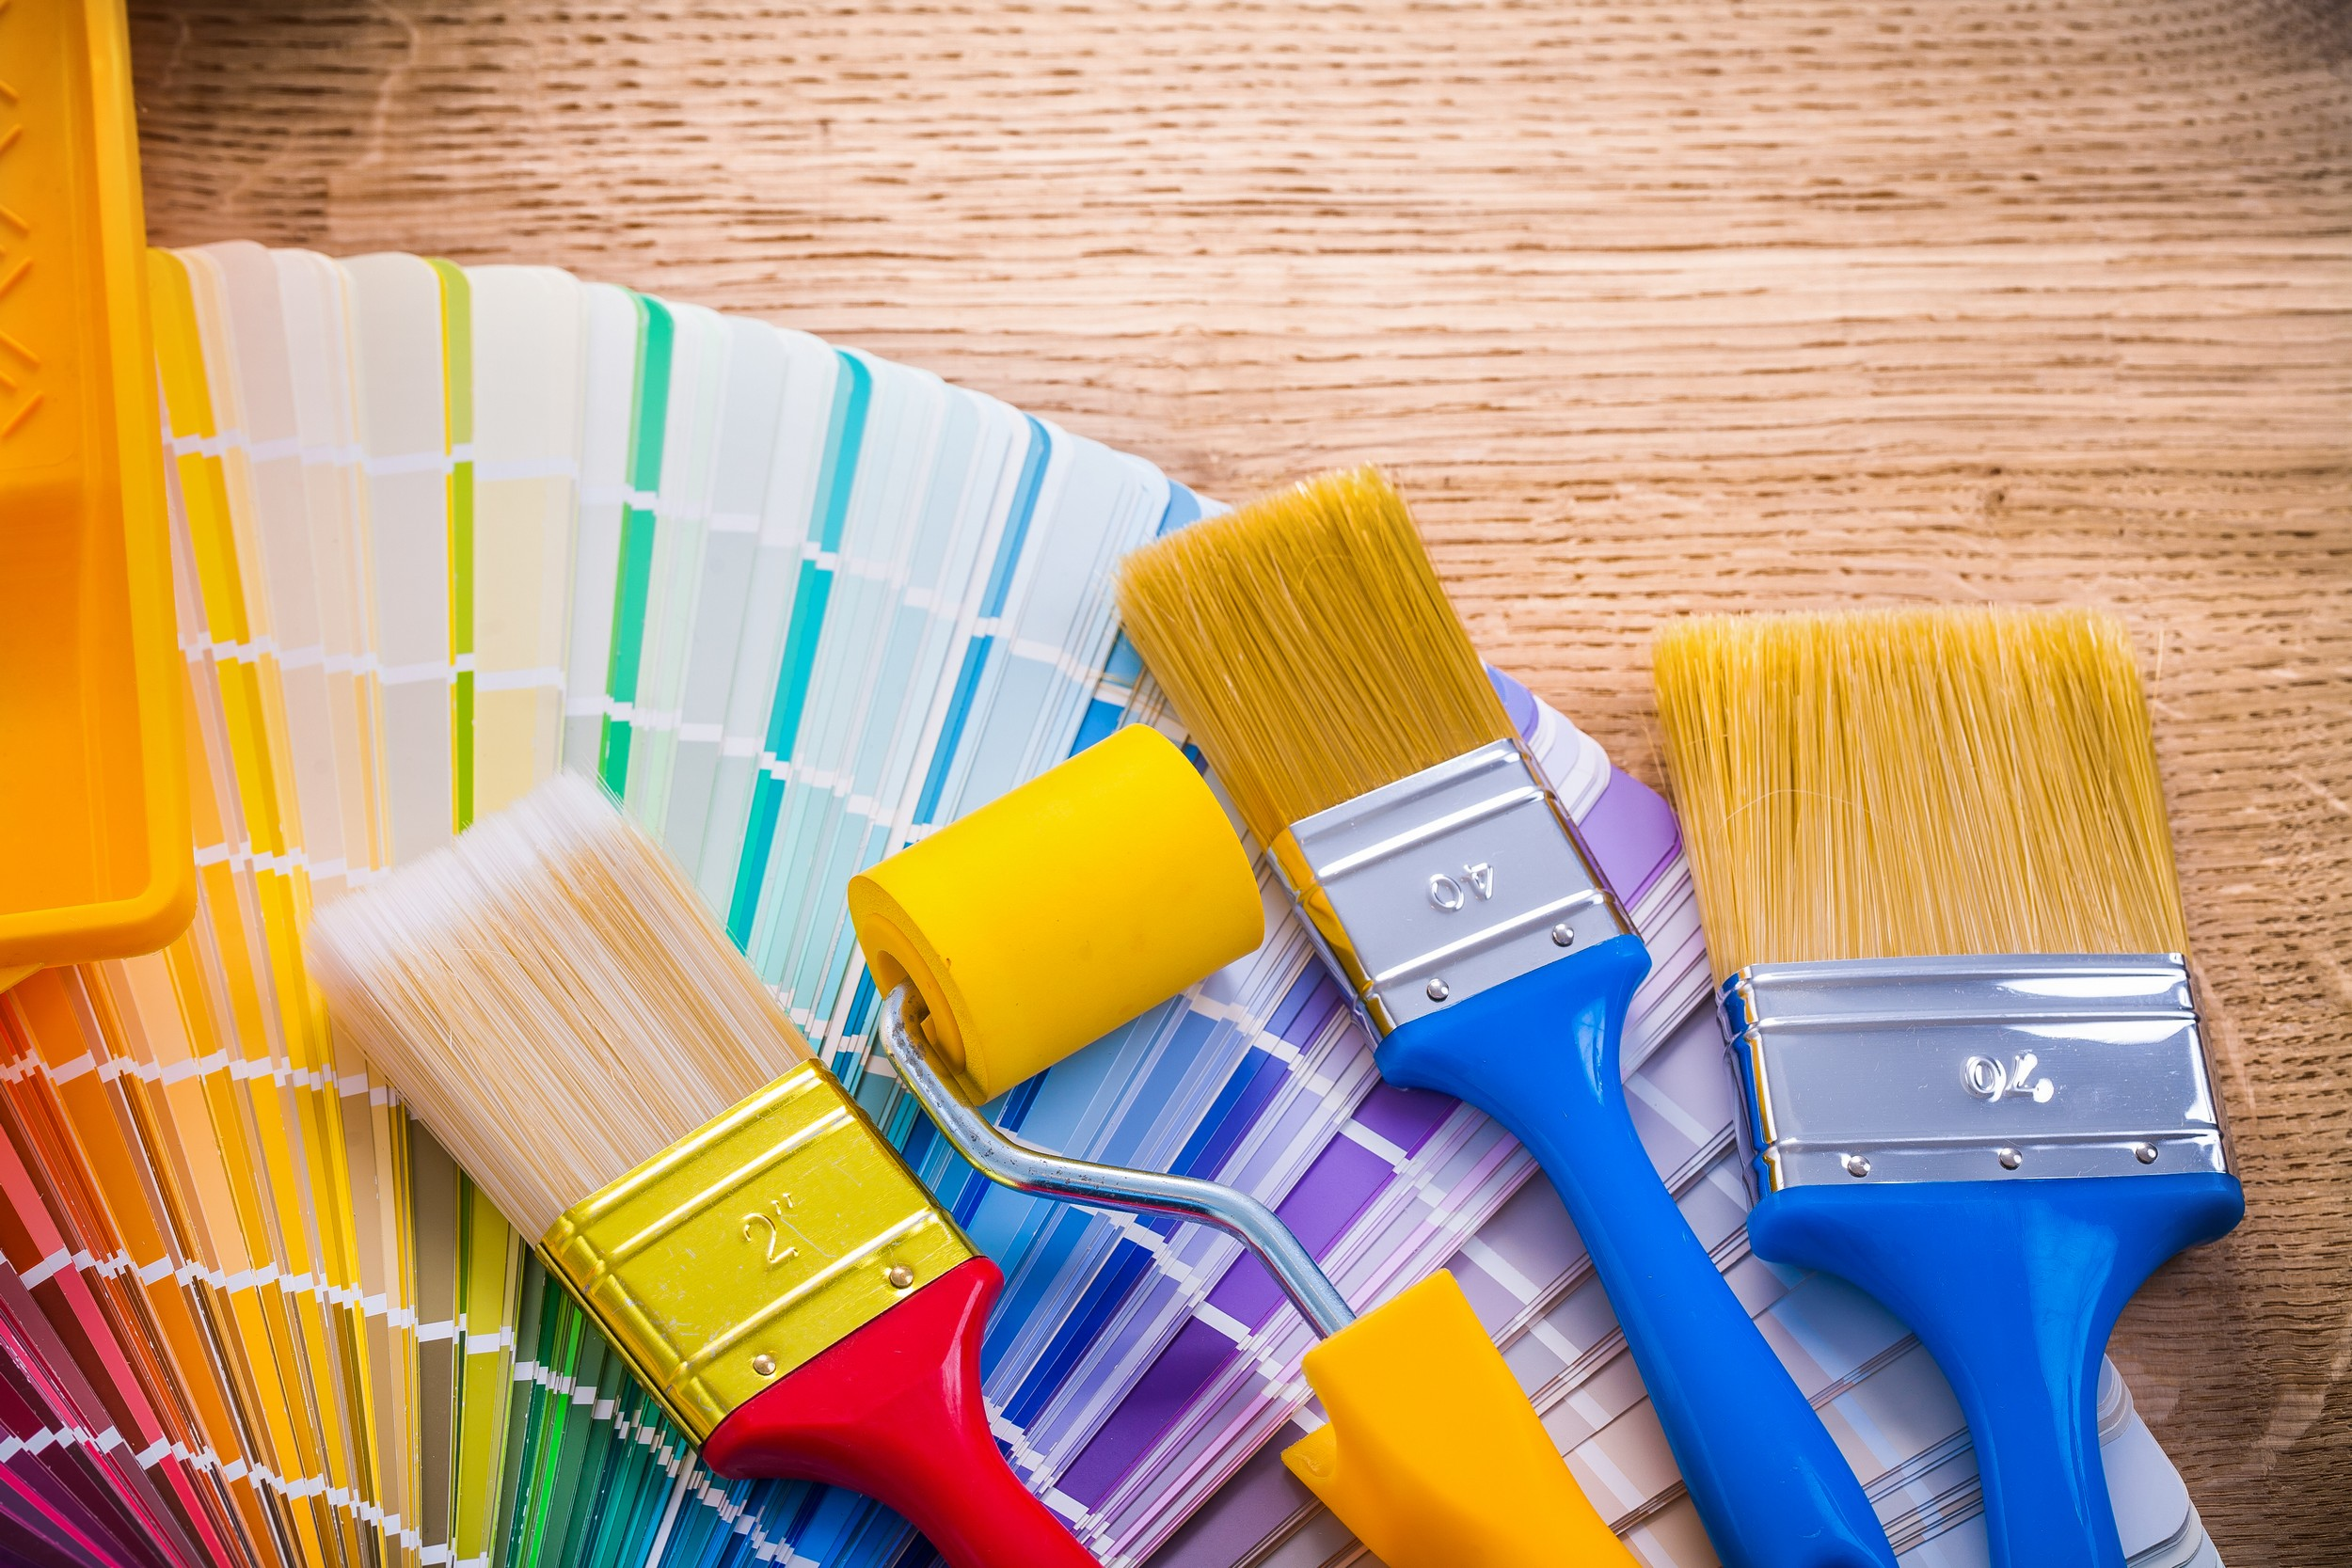 Pinceles y rodillos de pintura: algunos consejos para simplificar tu vida